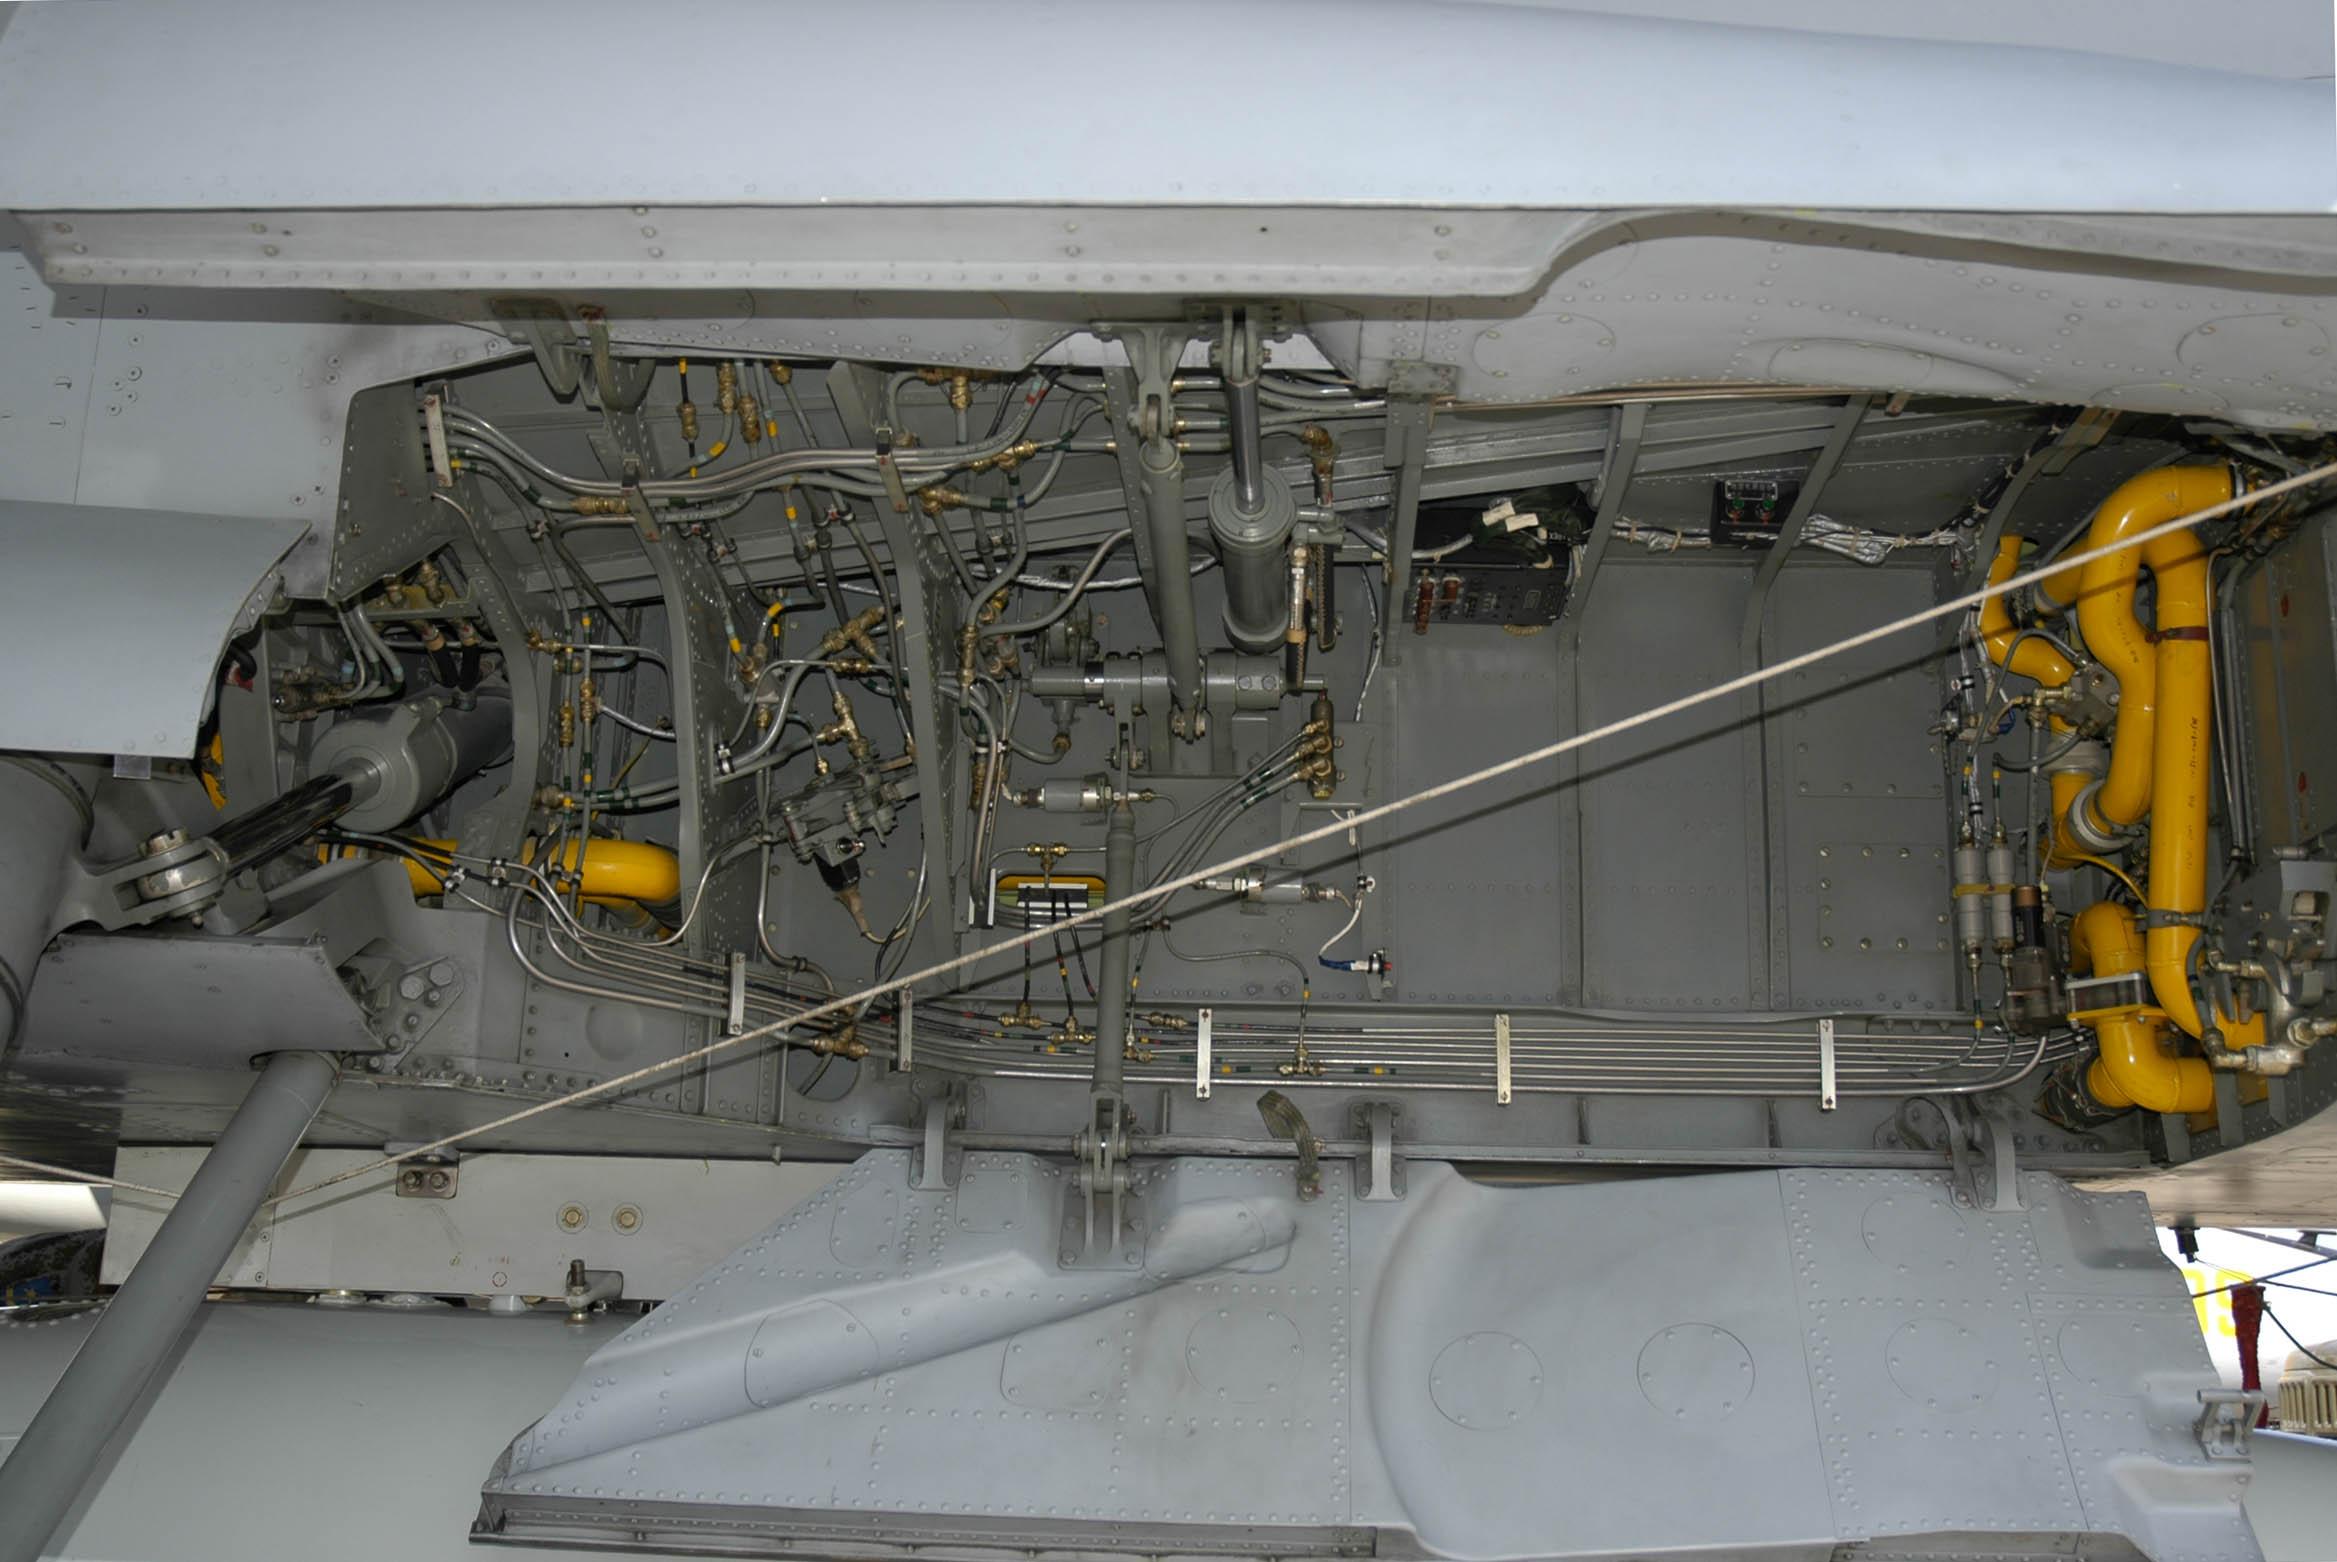 February 2010 Aeroflight